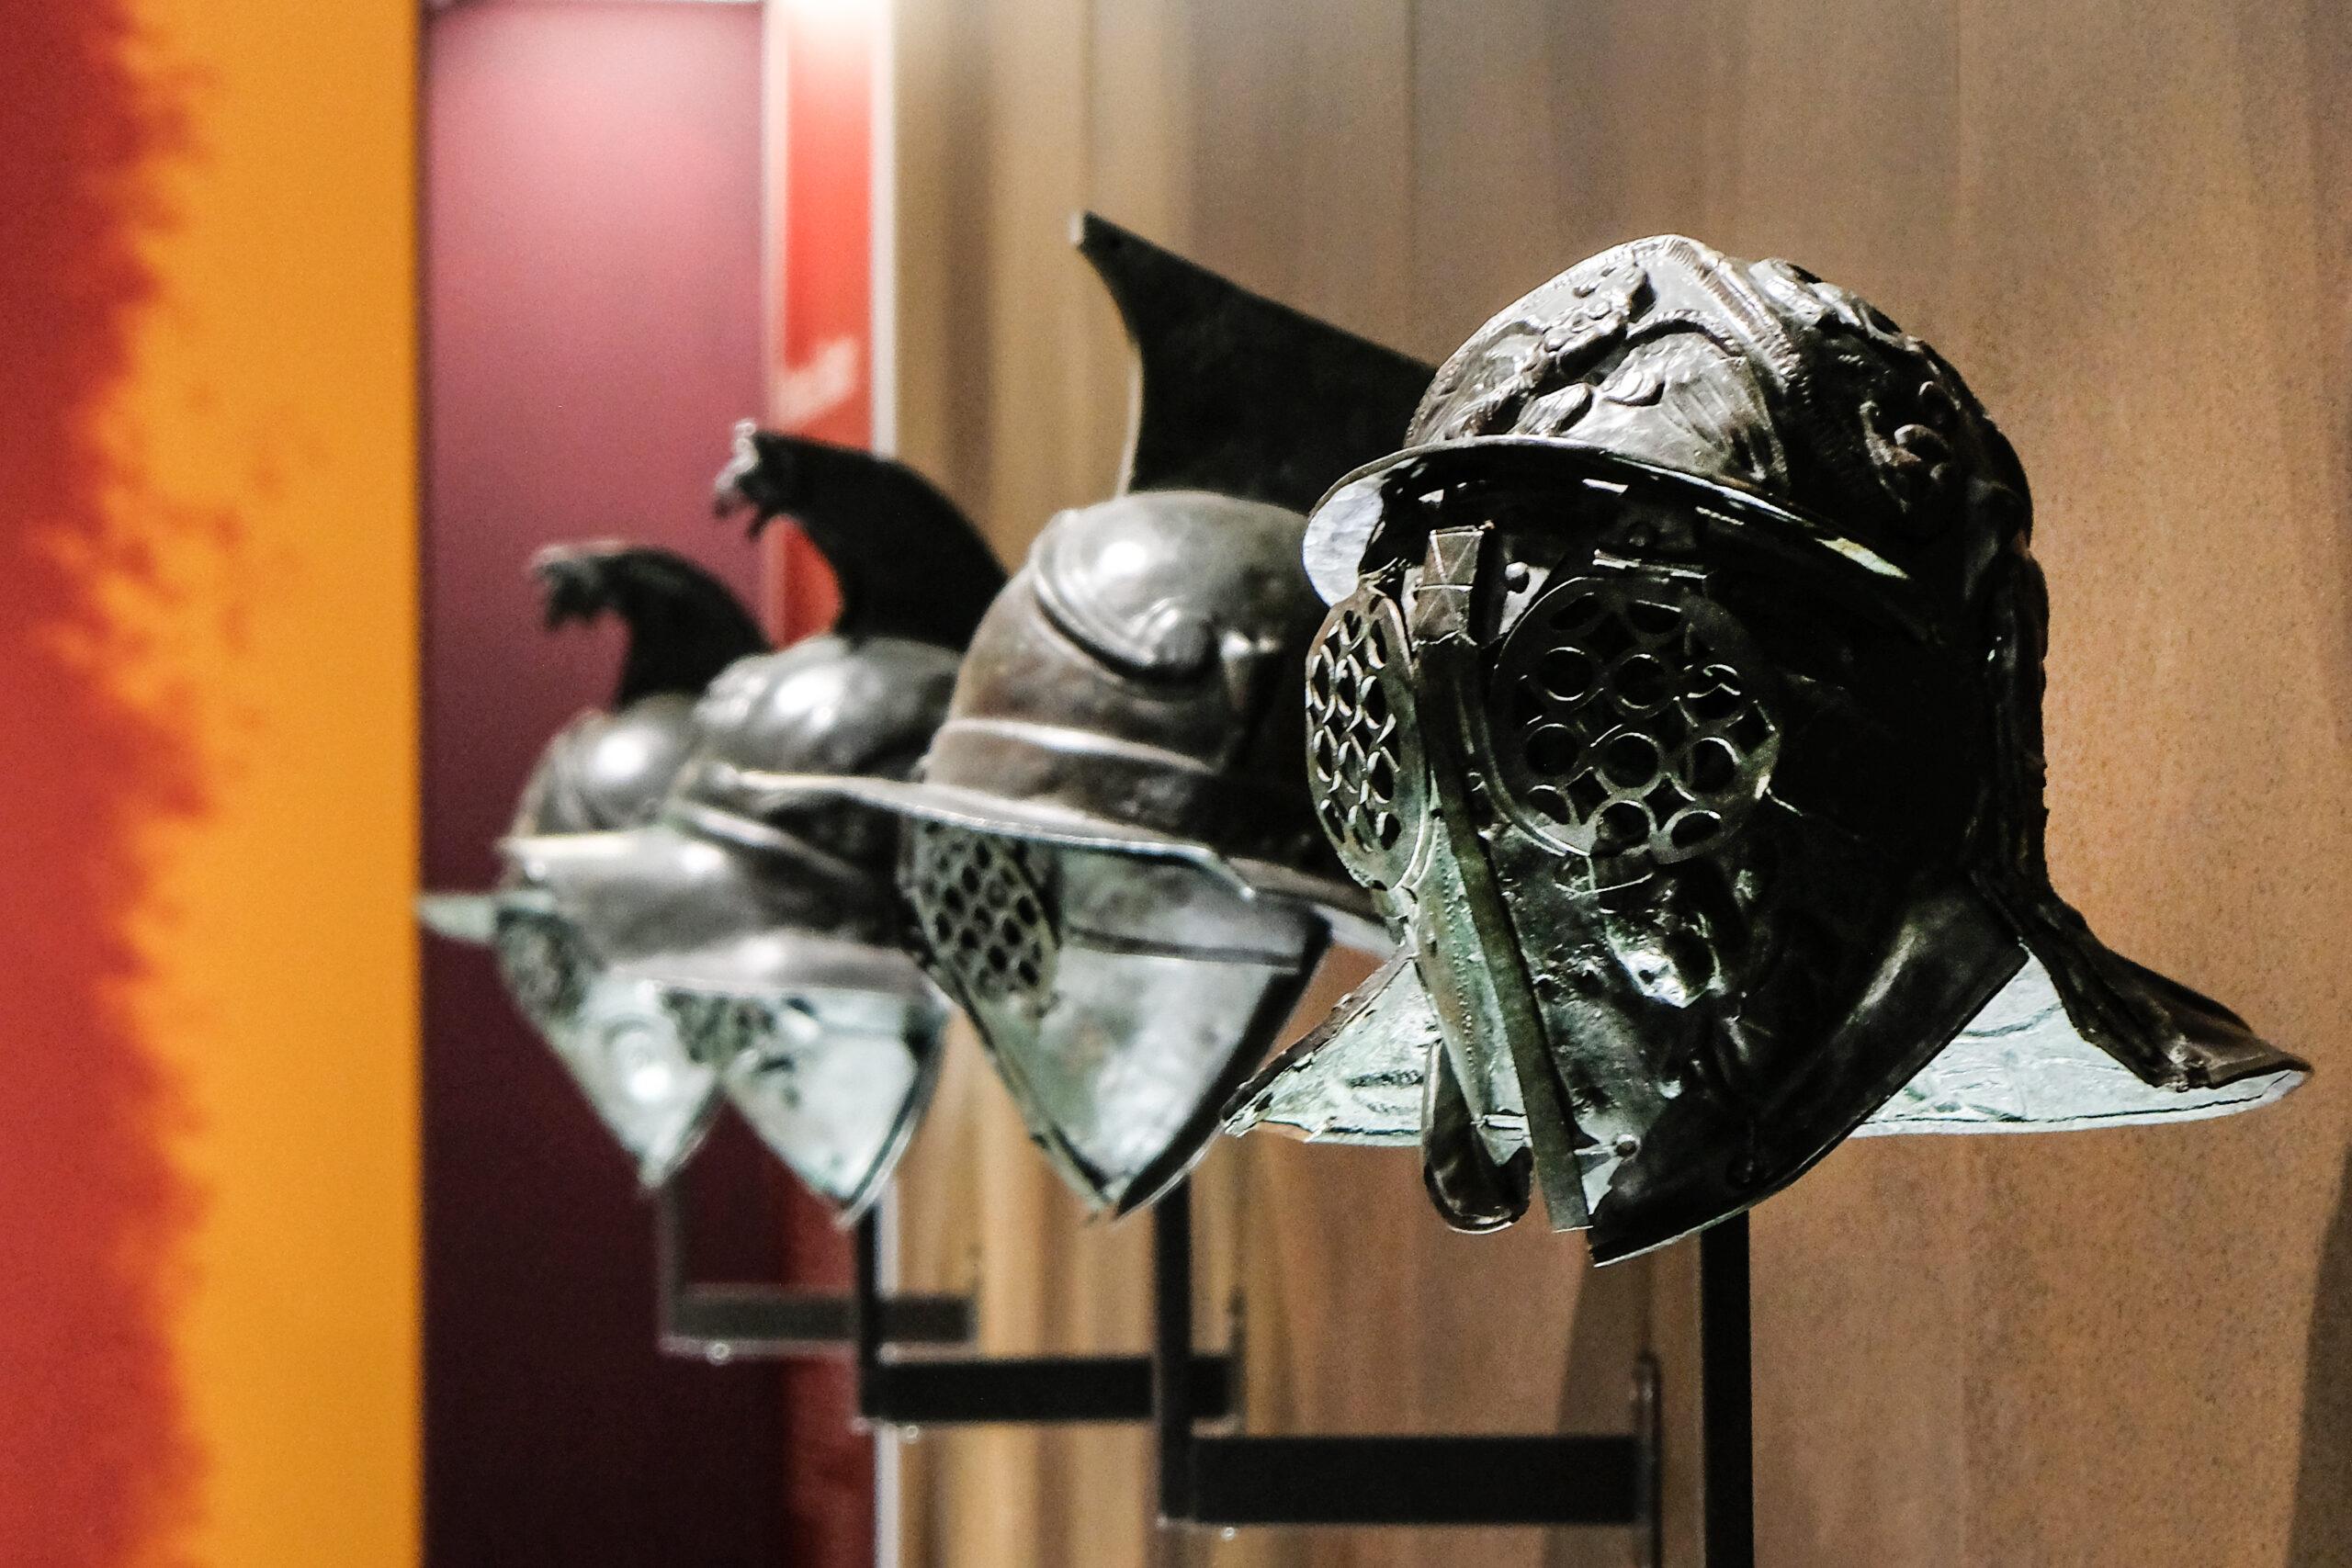 Gladiatori, oltre il mito. Il MANN di Napoli indaga il lato umano dei combattenti